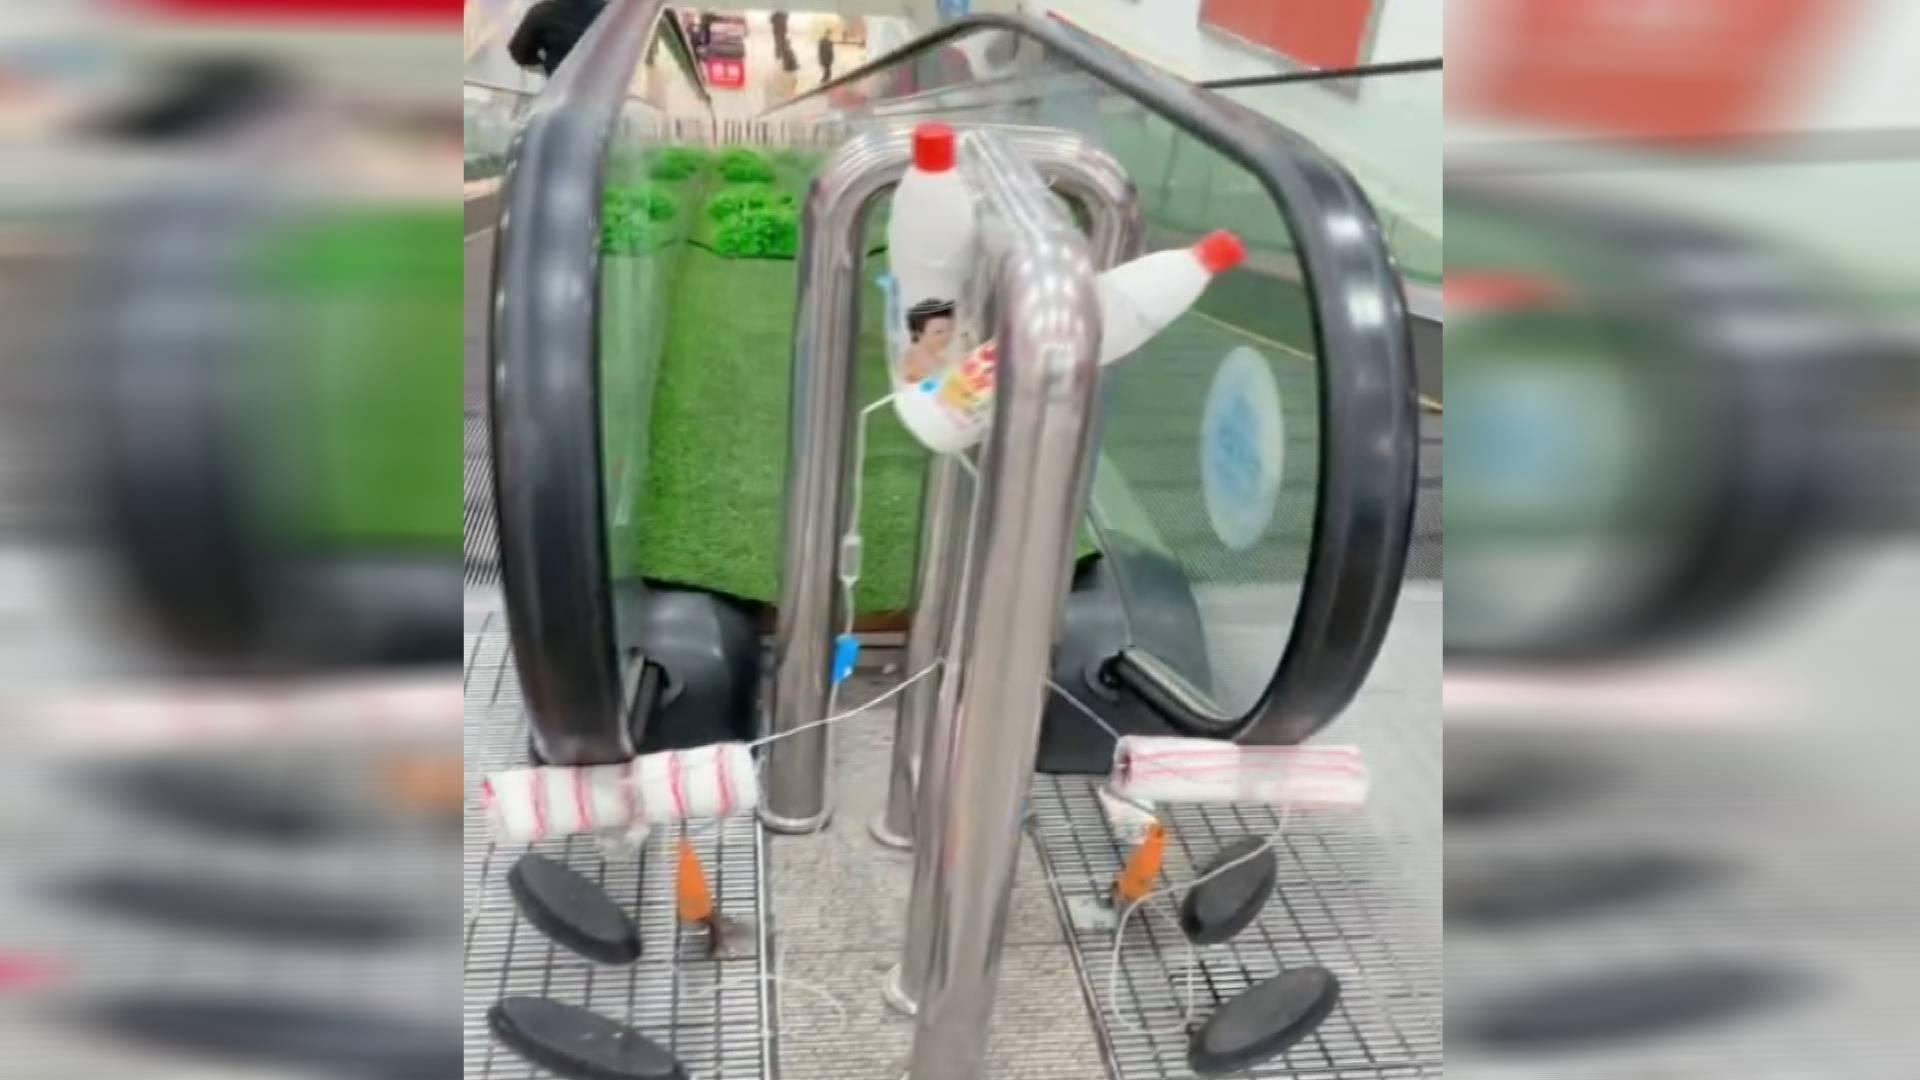 36秒|潍坊一超市给电梯输液?经理:给扶手消毒,一天用一筐刷子